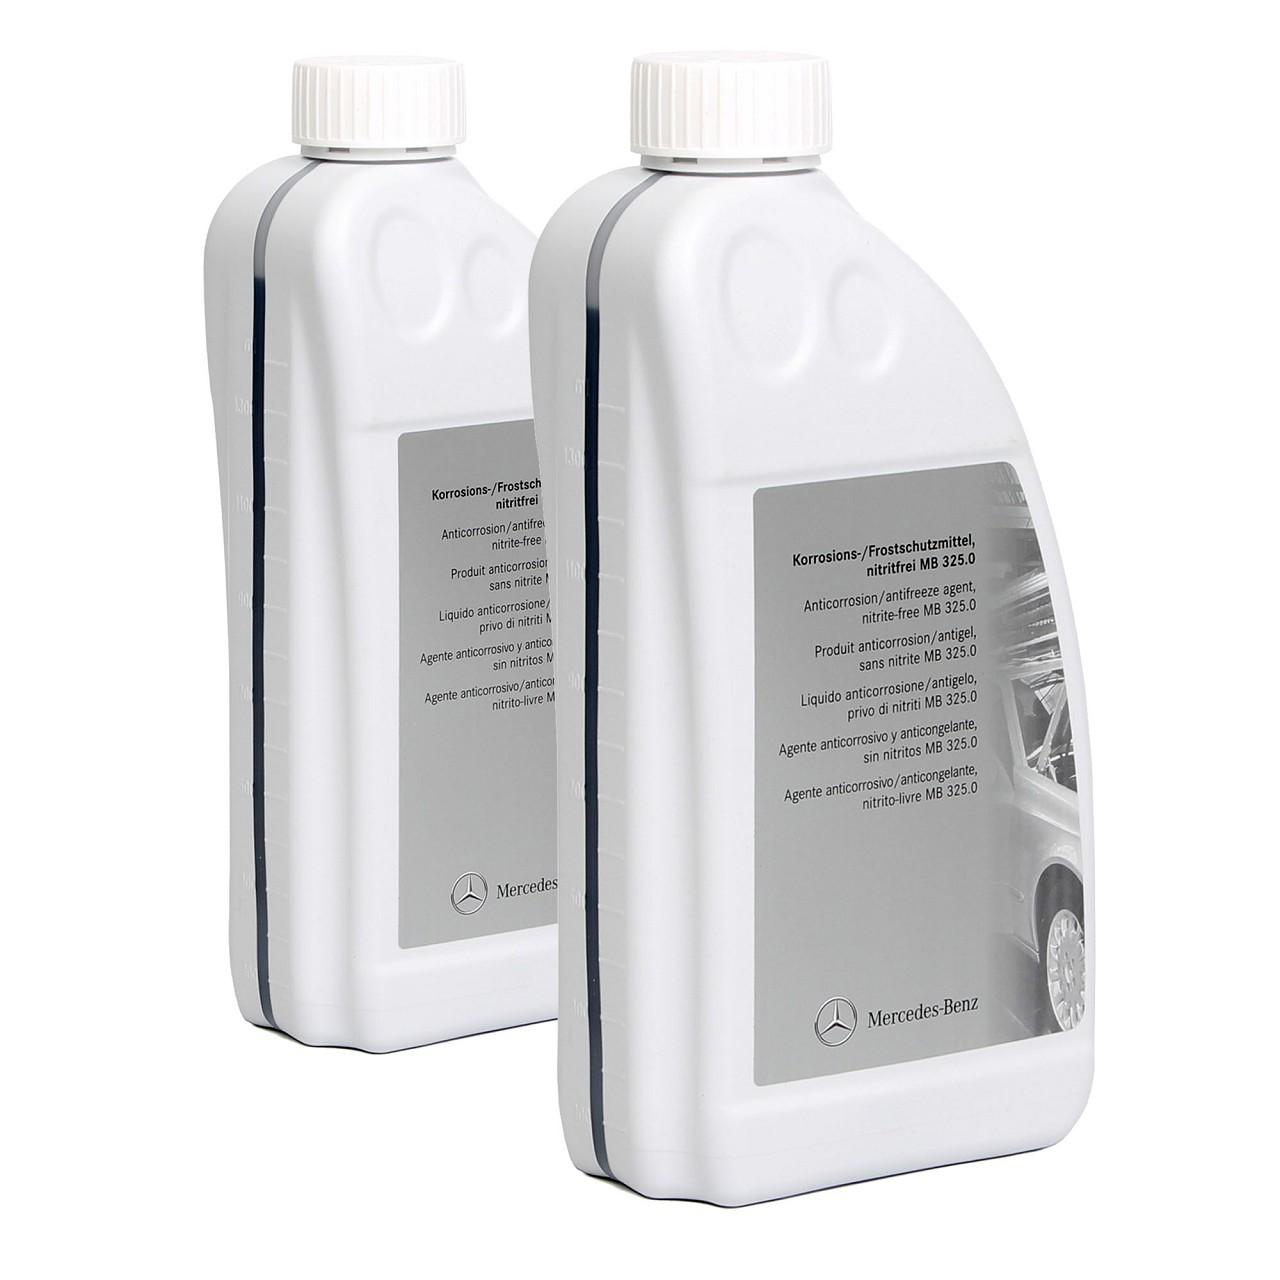 ORIGINAL Mercedes Korrosions- Frostschutzmittel MB 325.0 3,0 Liter 000989082510